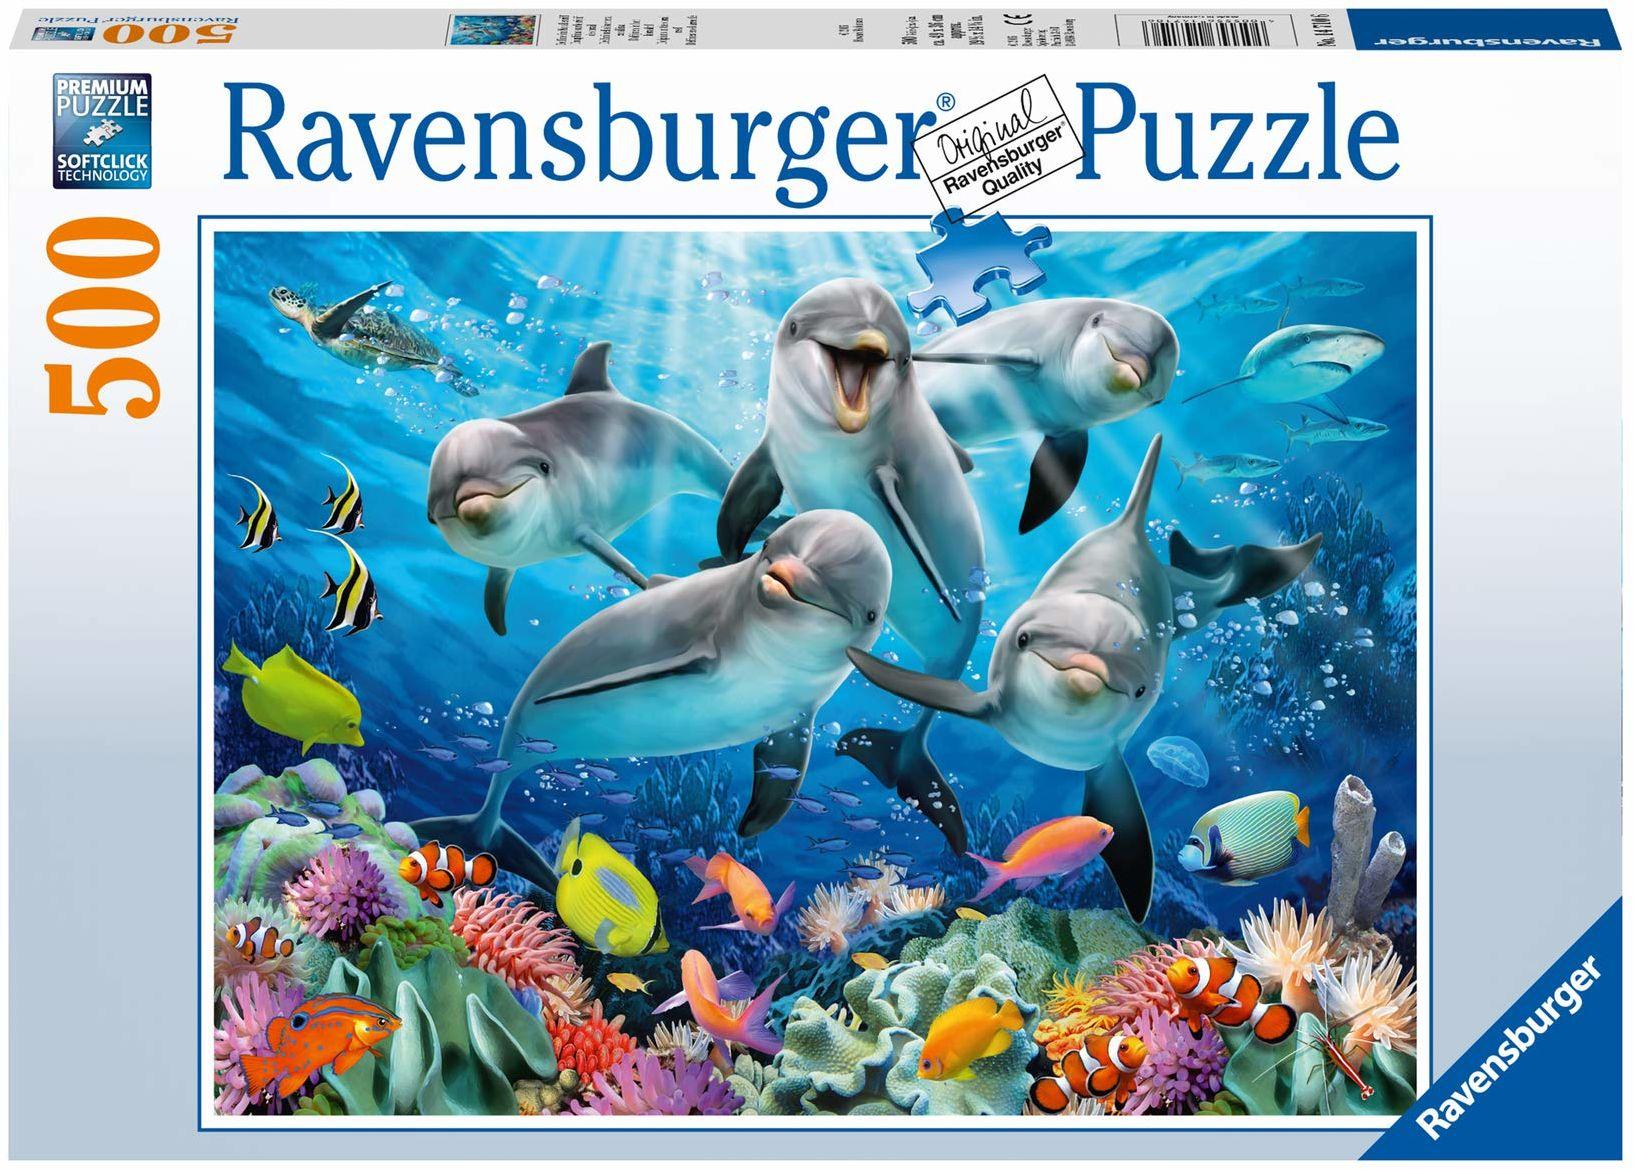 Ravensburger Puzzle 14710 Ravensburger Delfiny 500 Elementów Puzzle Dla Dorosłych (14710) Unikalne Elementy, Technologia Softclick - Klocki Pasują Idealnie